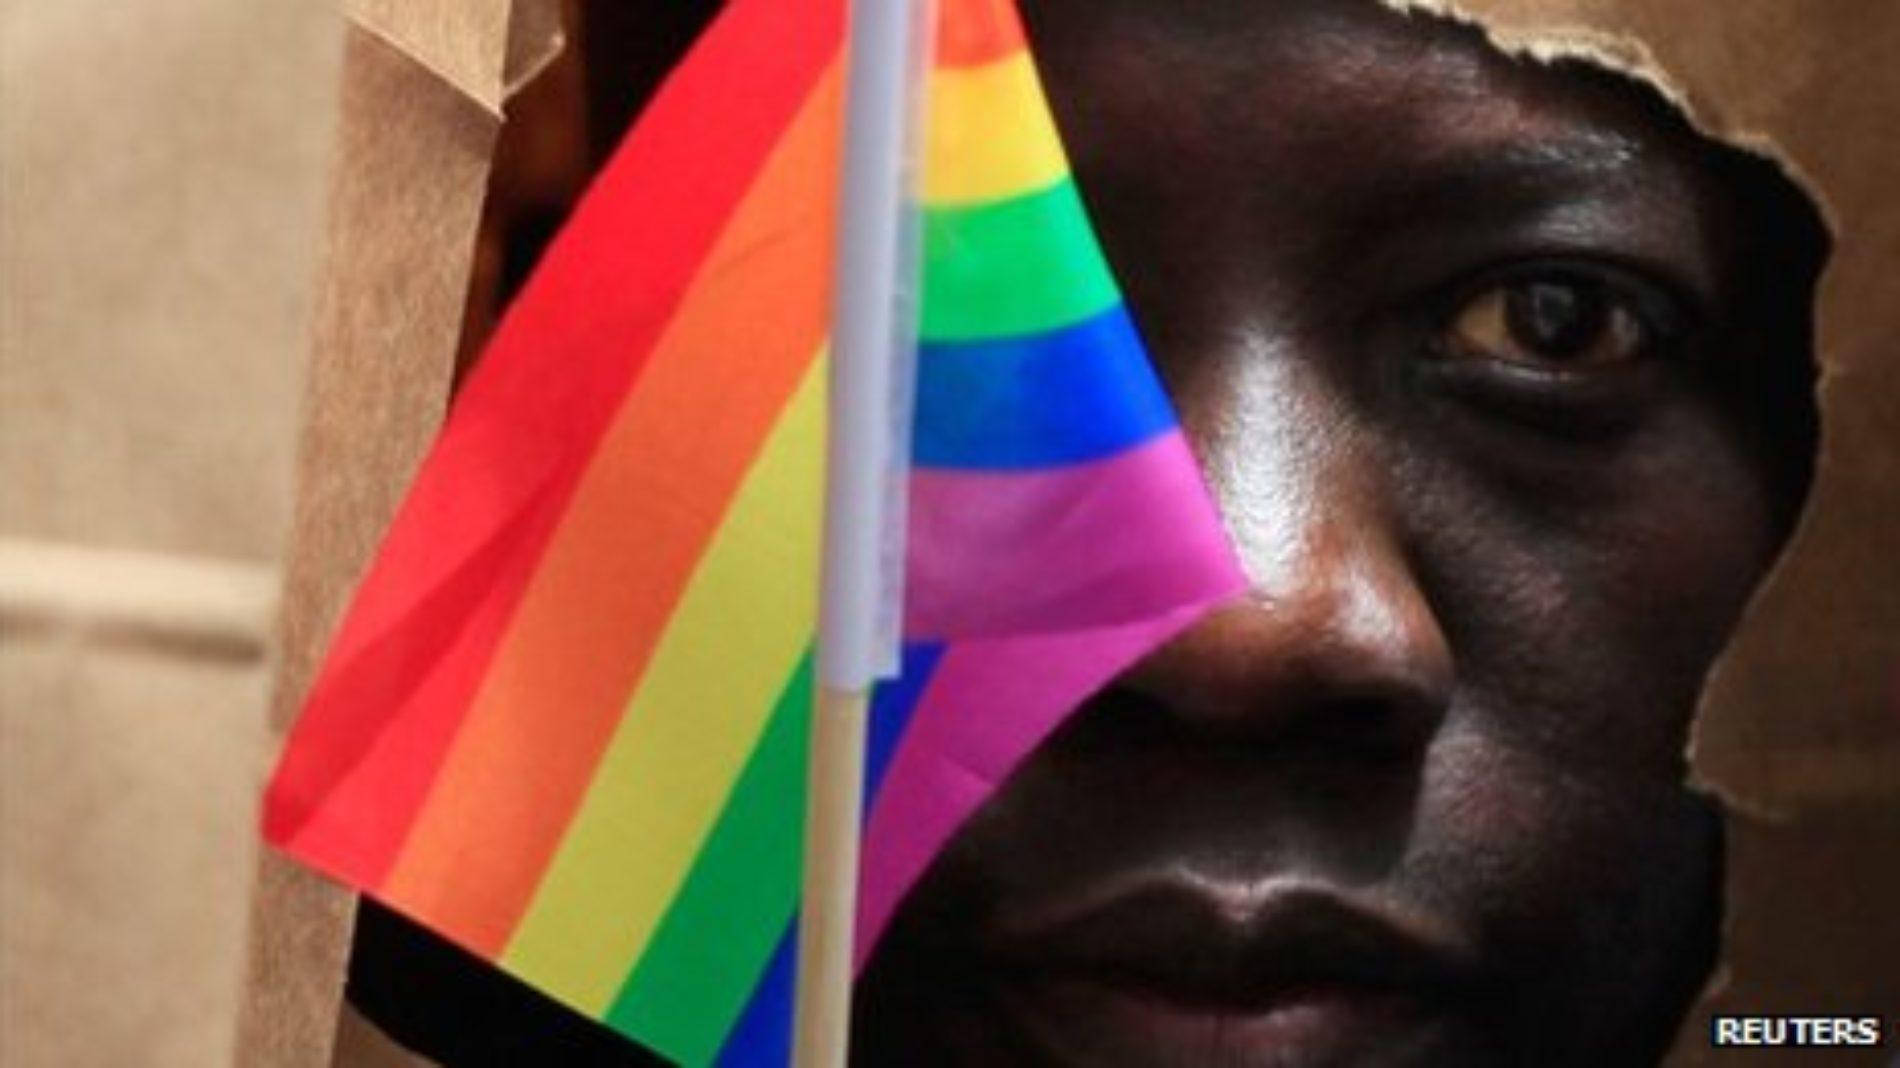 LET GOD BE THE JUDGE (LGBT – J)